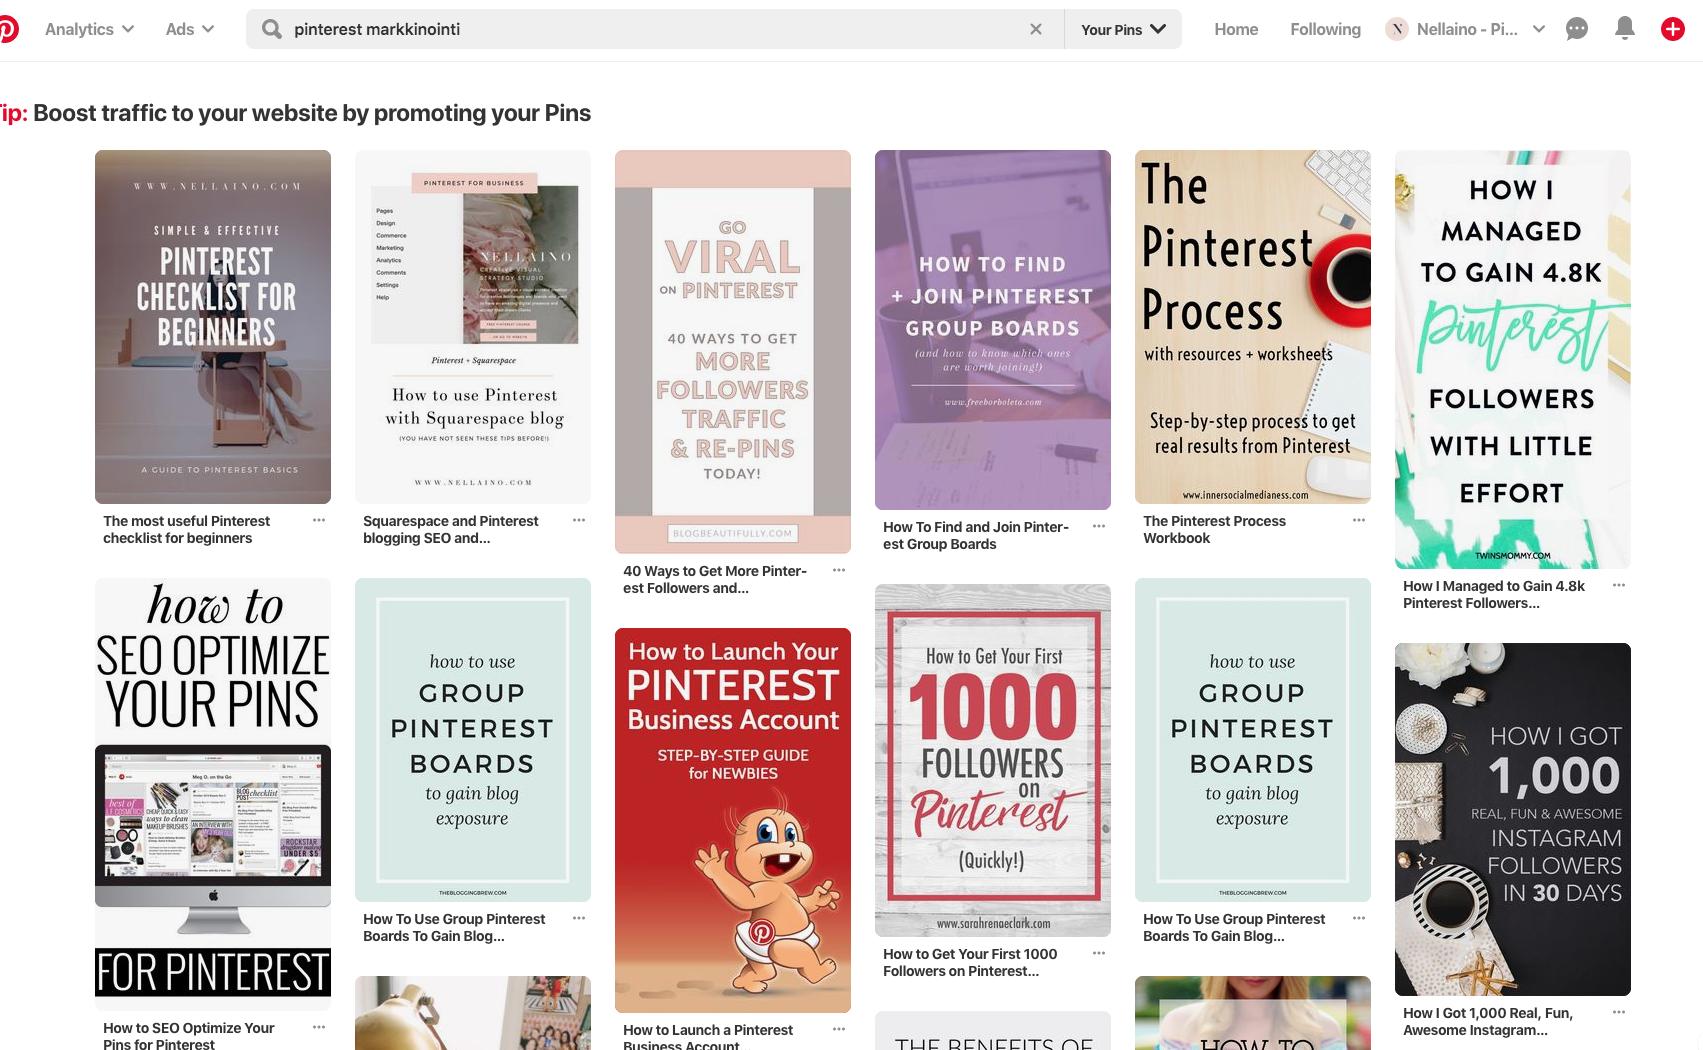 Pinterest markkinointi ja pinnit Pinterestissä #nellaino #pinterestvinkit